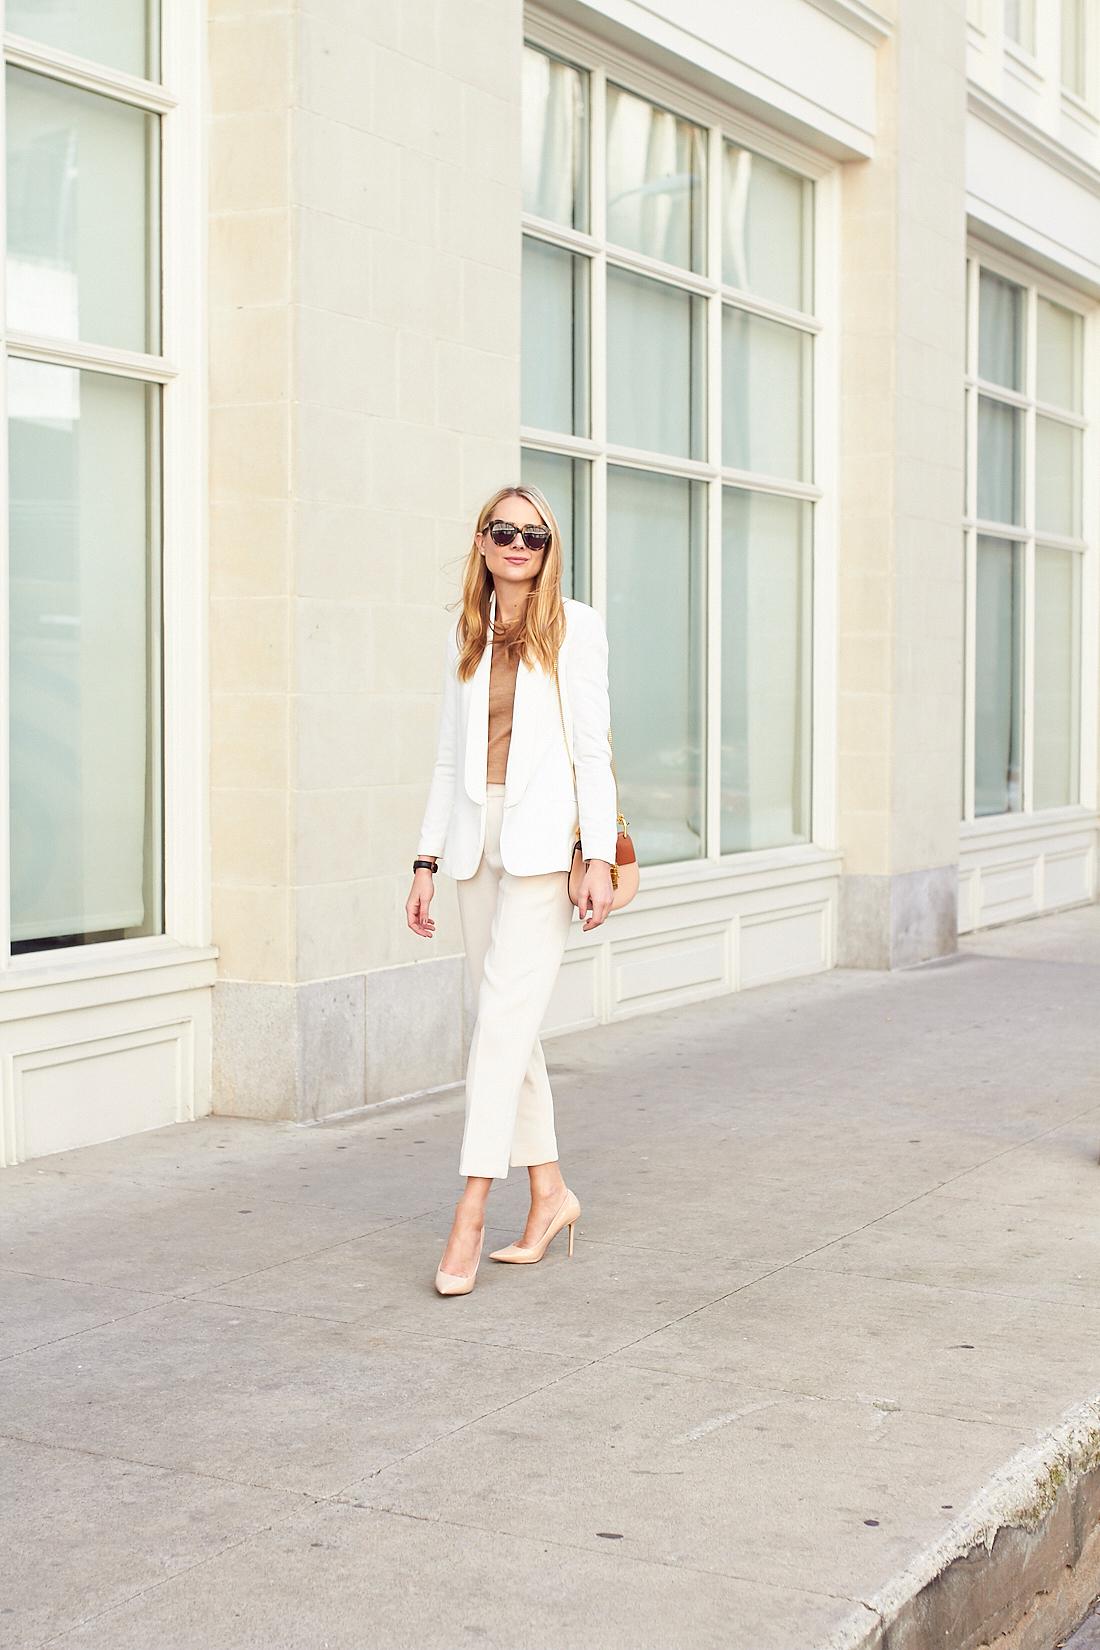 63c1bd8f949f fashion-jackson-nude-pumps-chloe-drew-handbag-white-